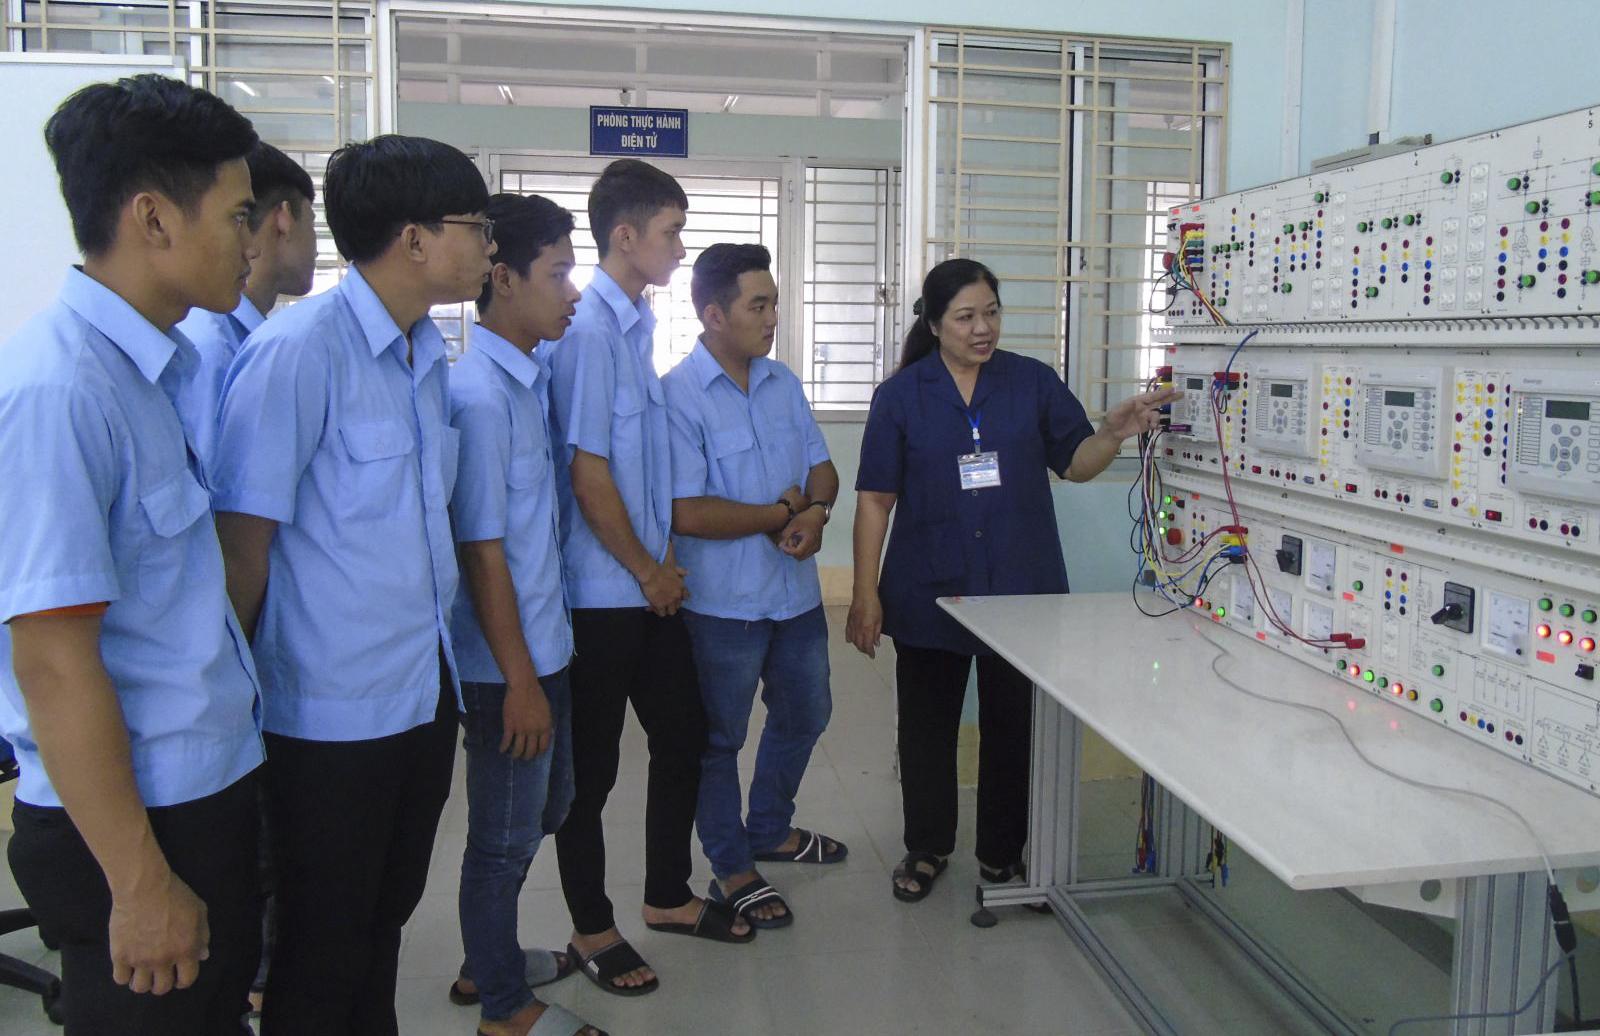 Sinh viên Trường Cao đẳng Nghề Cần Thơ thực hành về hệ thống cung cấp điện. Ảnh: THANH THY